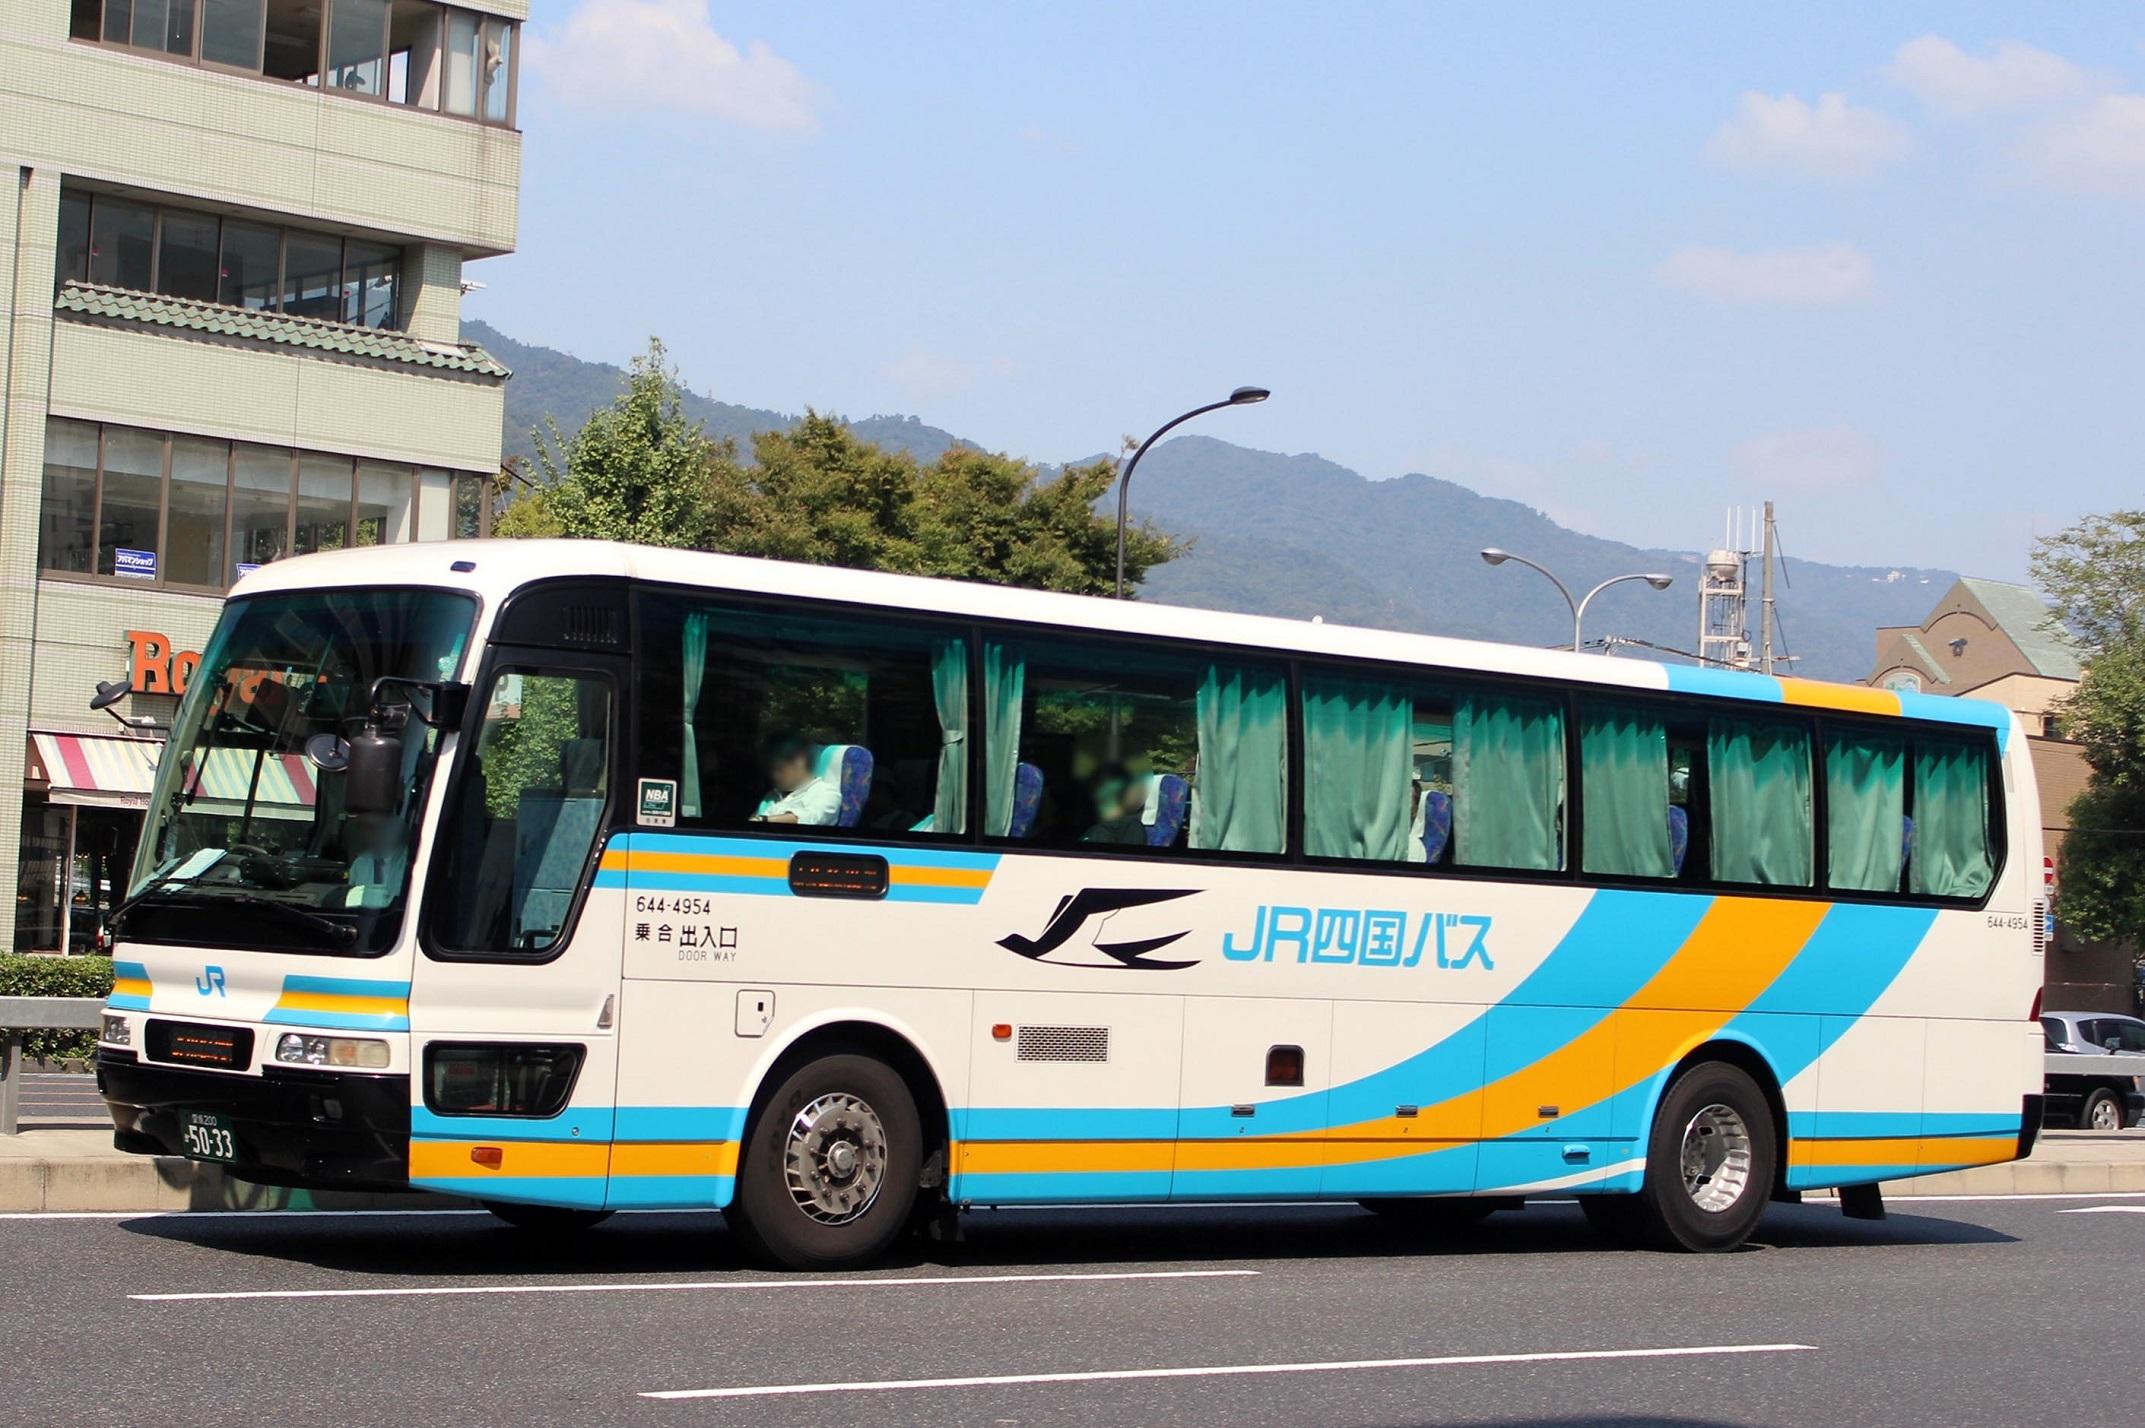 JR四国バス 644-4954